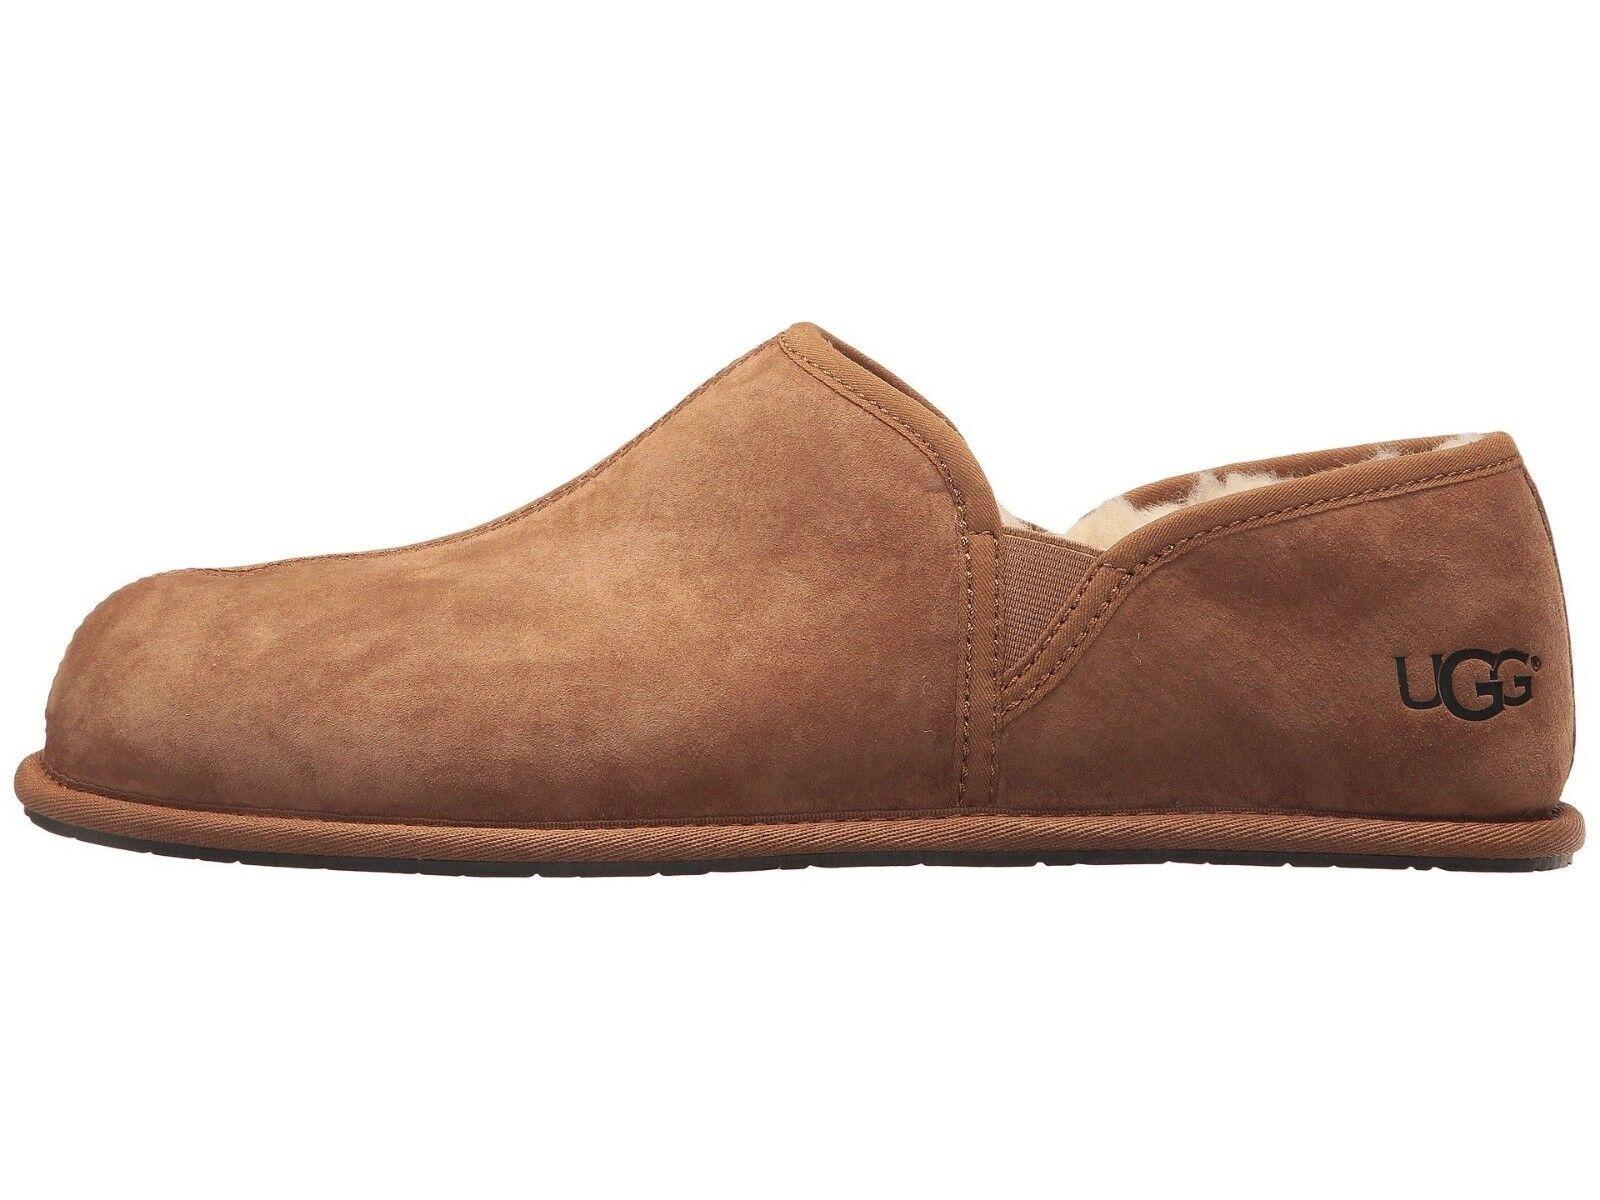 Nouveau Mocassin UGG Scuff Romeo II pour hommes - Chaussures à enfiler décontractées - Châtaignier